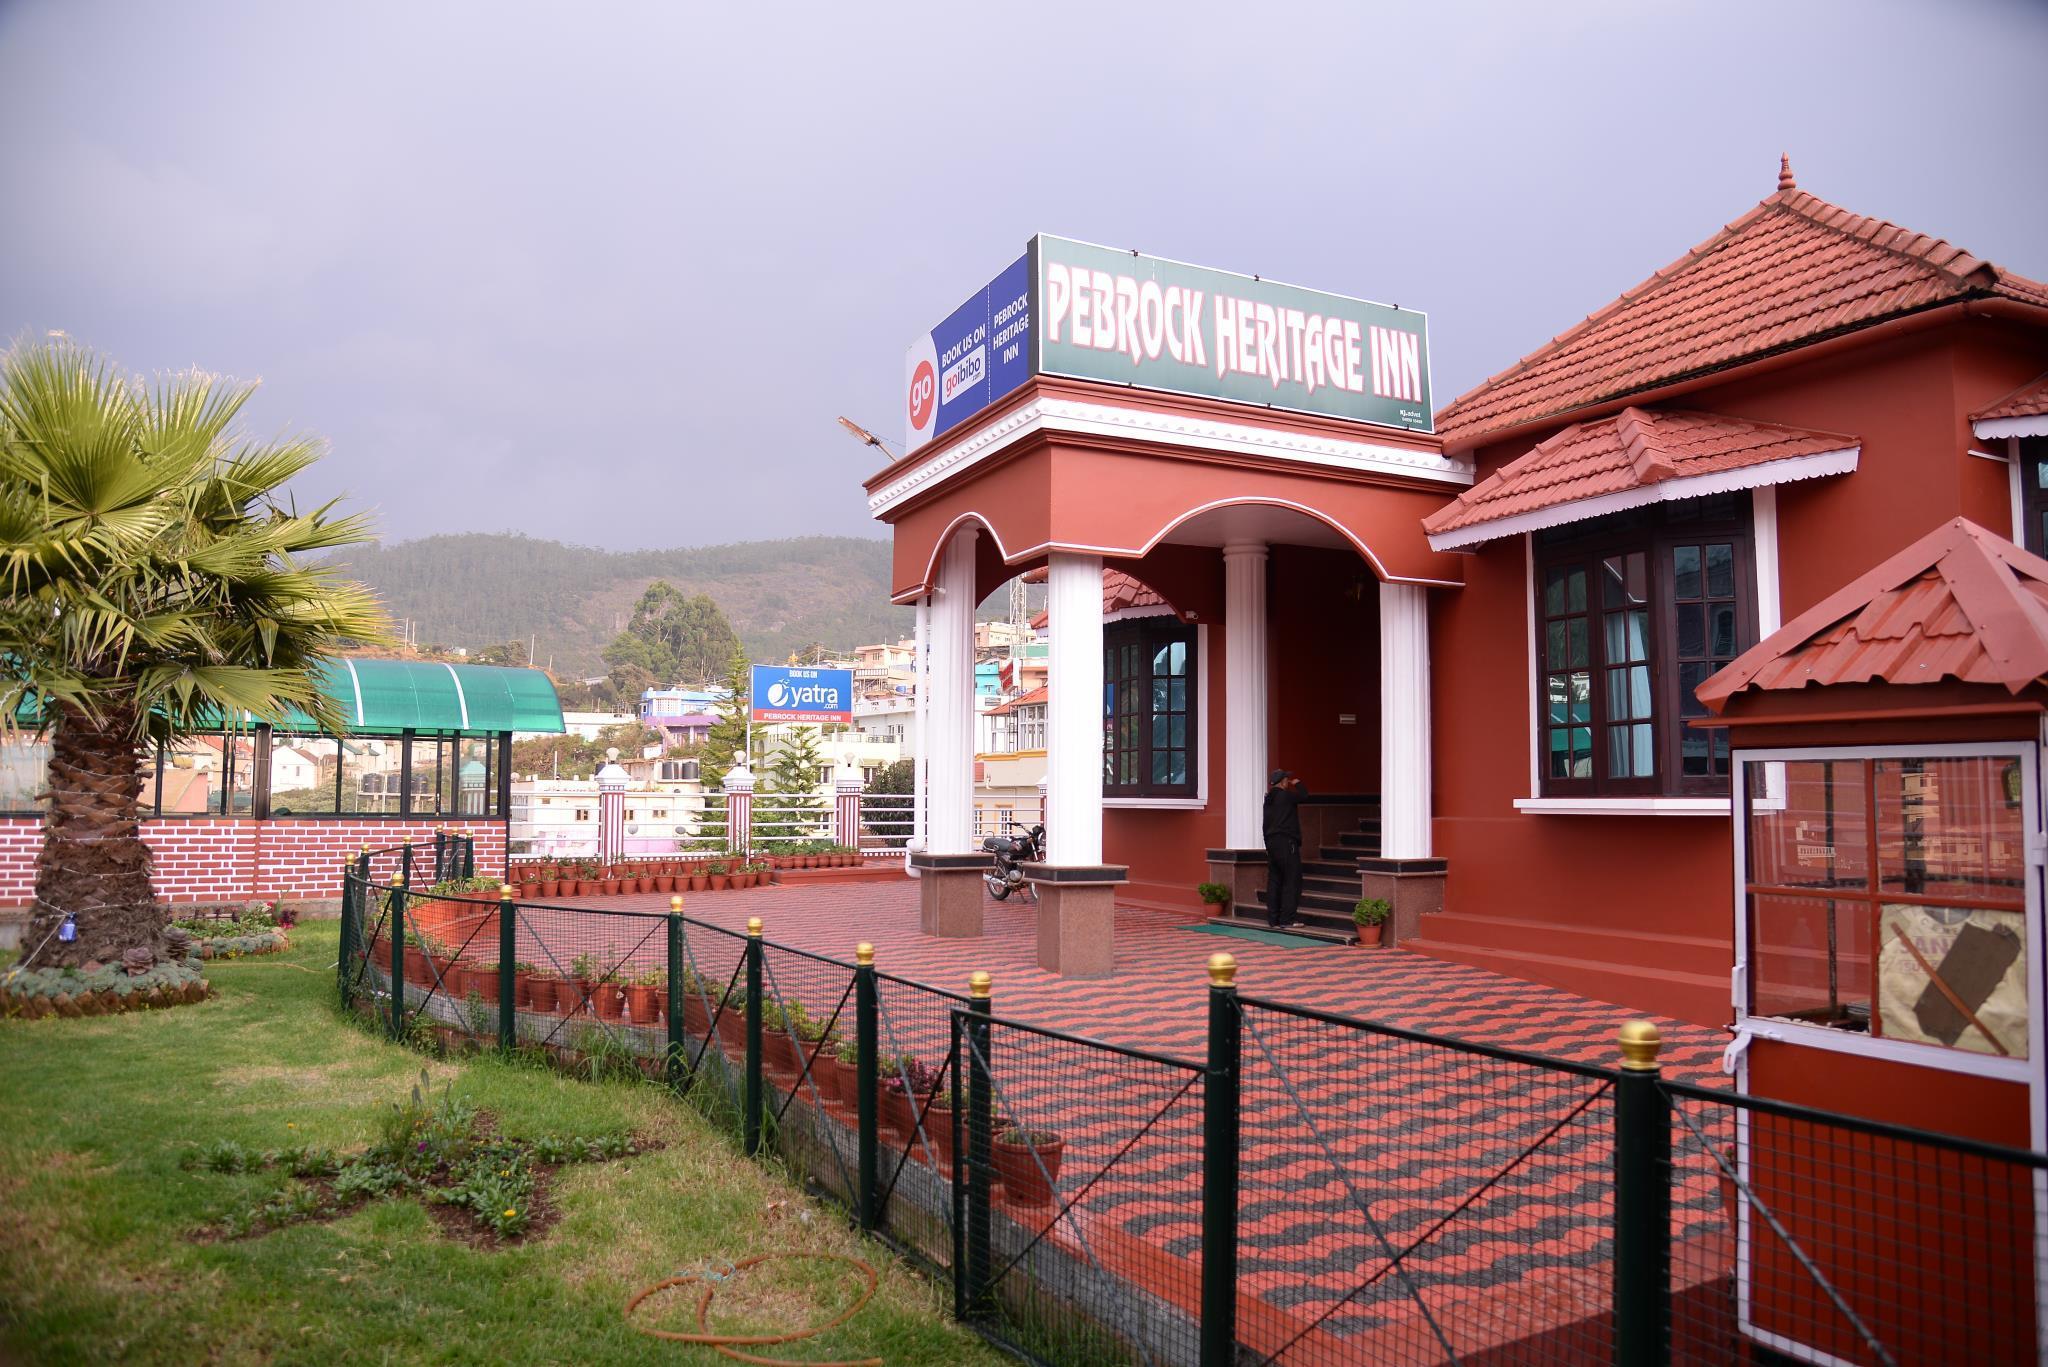 Pebrock Heritage Inn